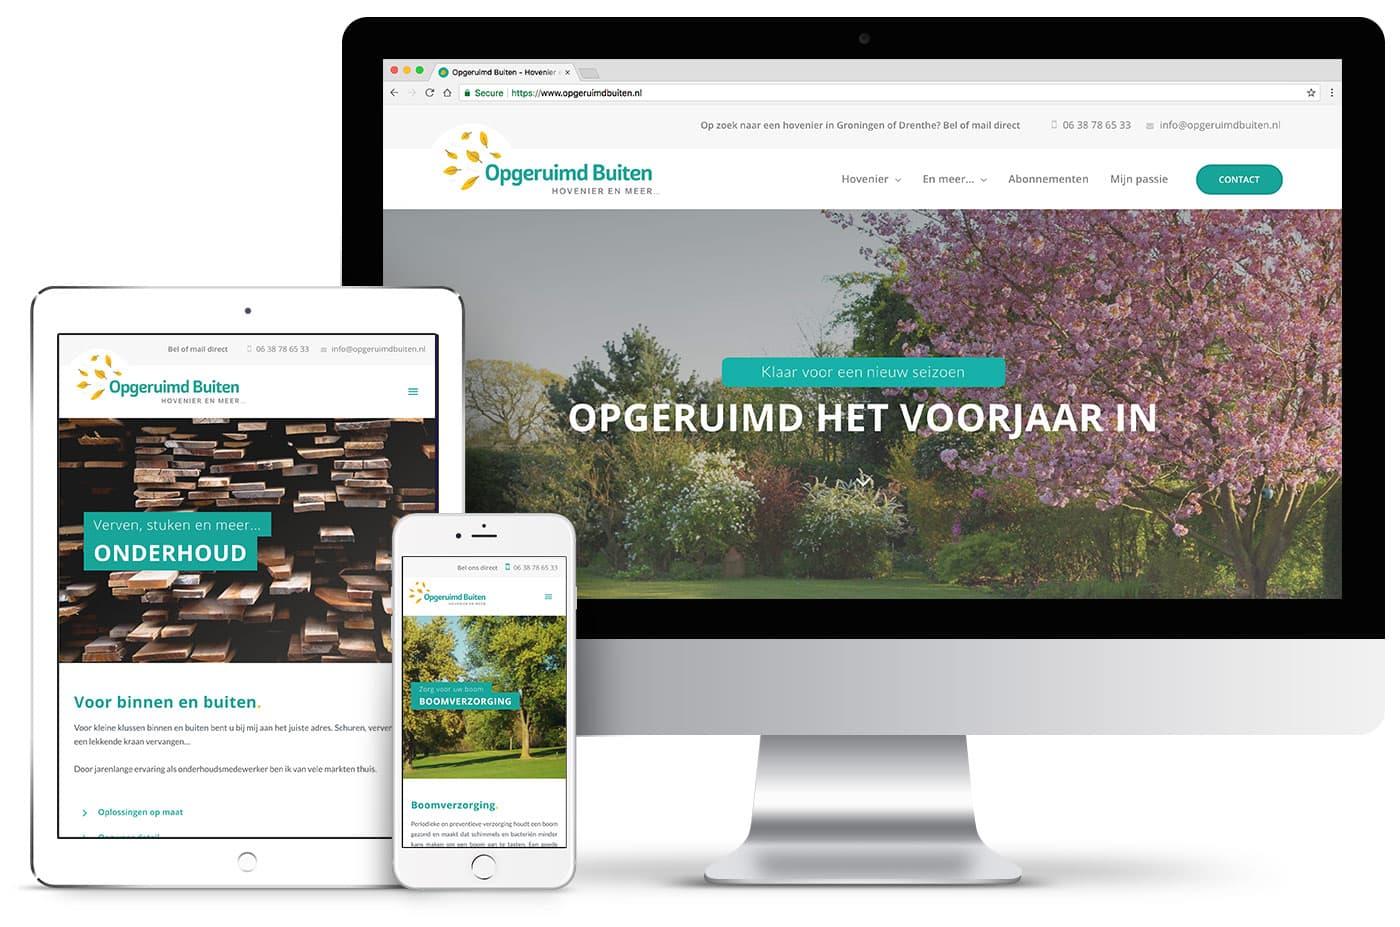 Professioneel webdesign groningen portfolio - website van Opgeruimd Buiten